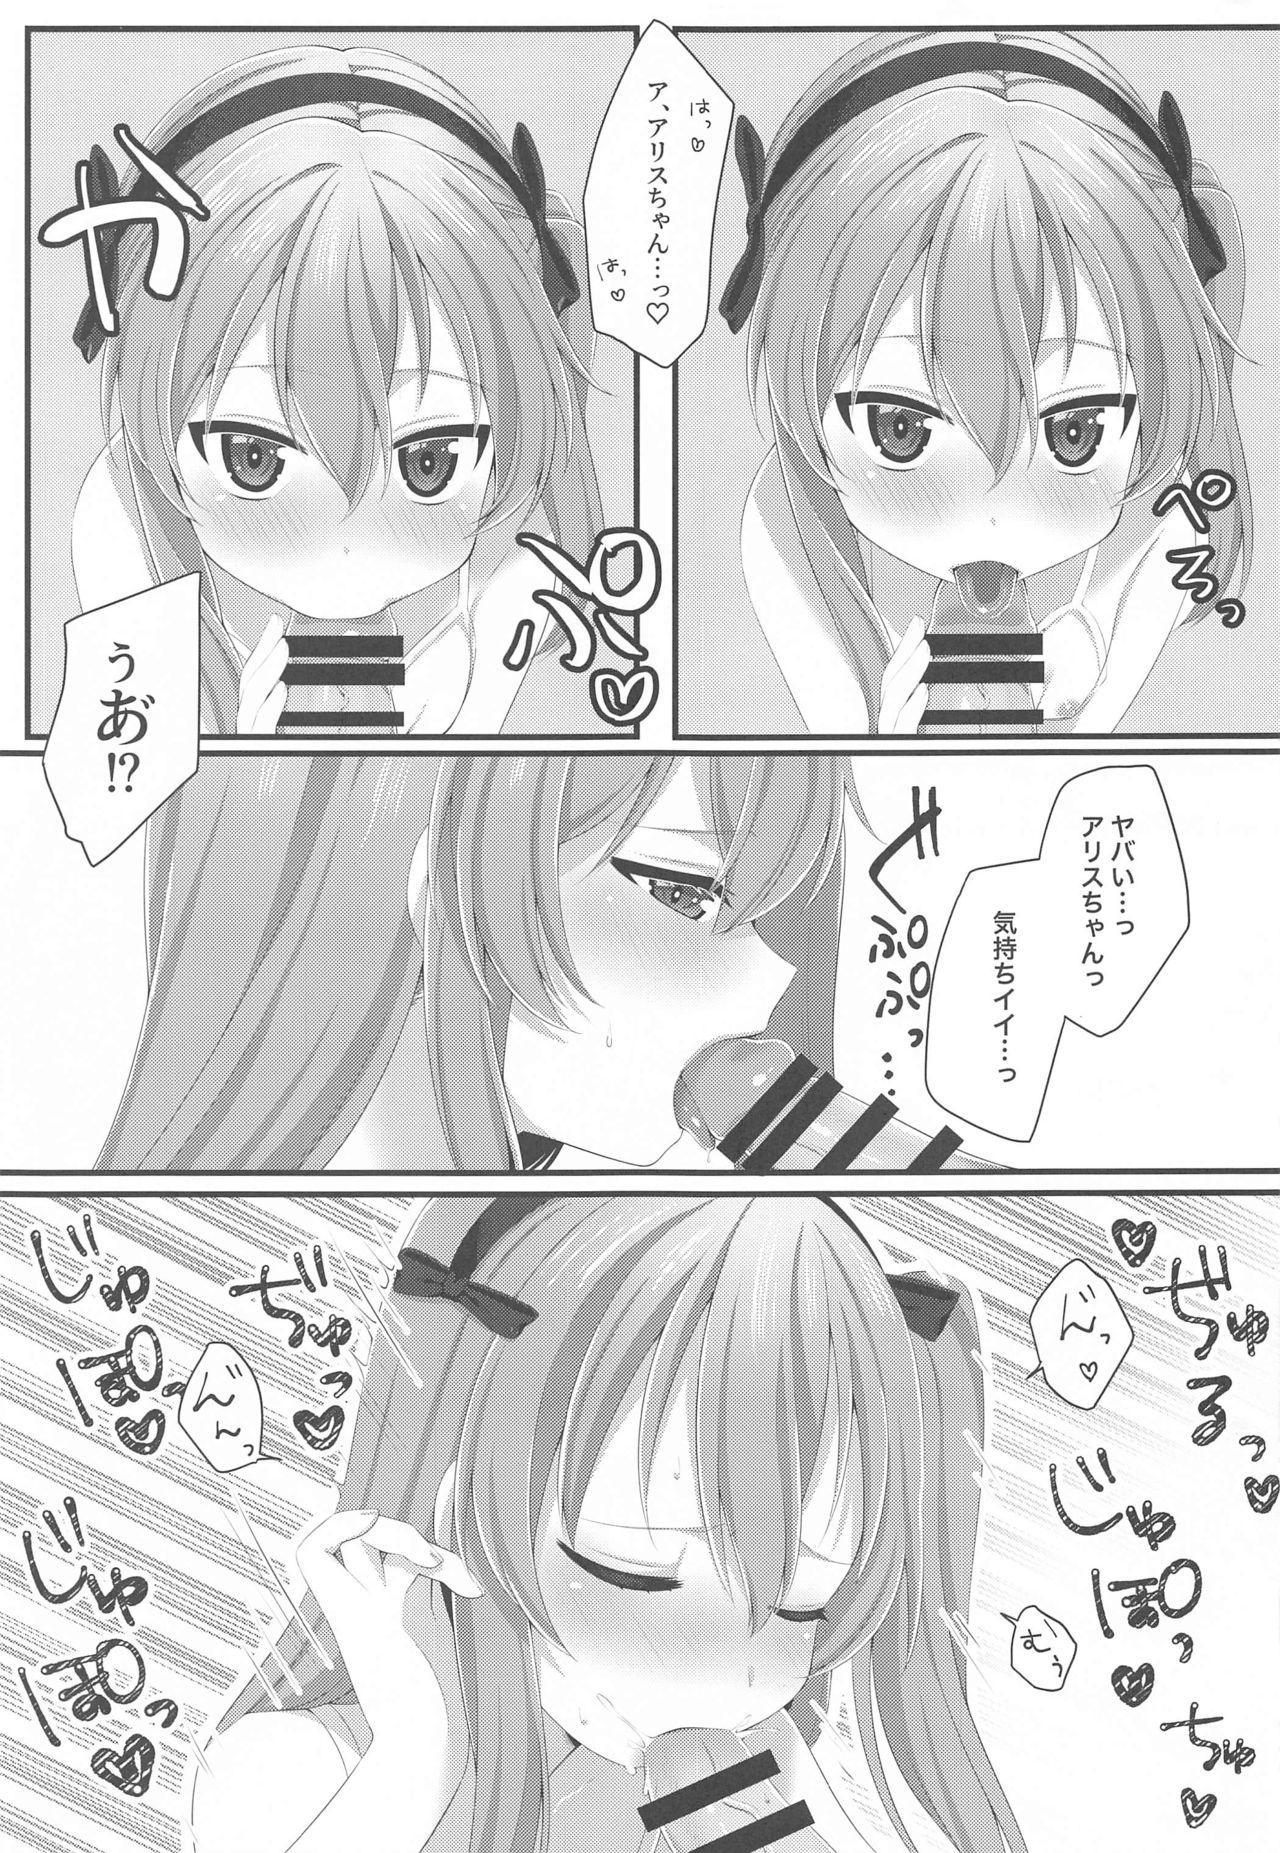 [Ruruepa Animato (Ruruepa)] No. 2 PinSalo-jou Arisu-chan (Girls und Panzer) 5